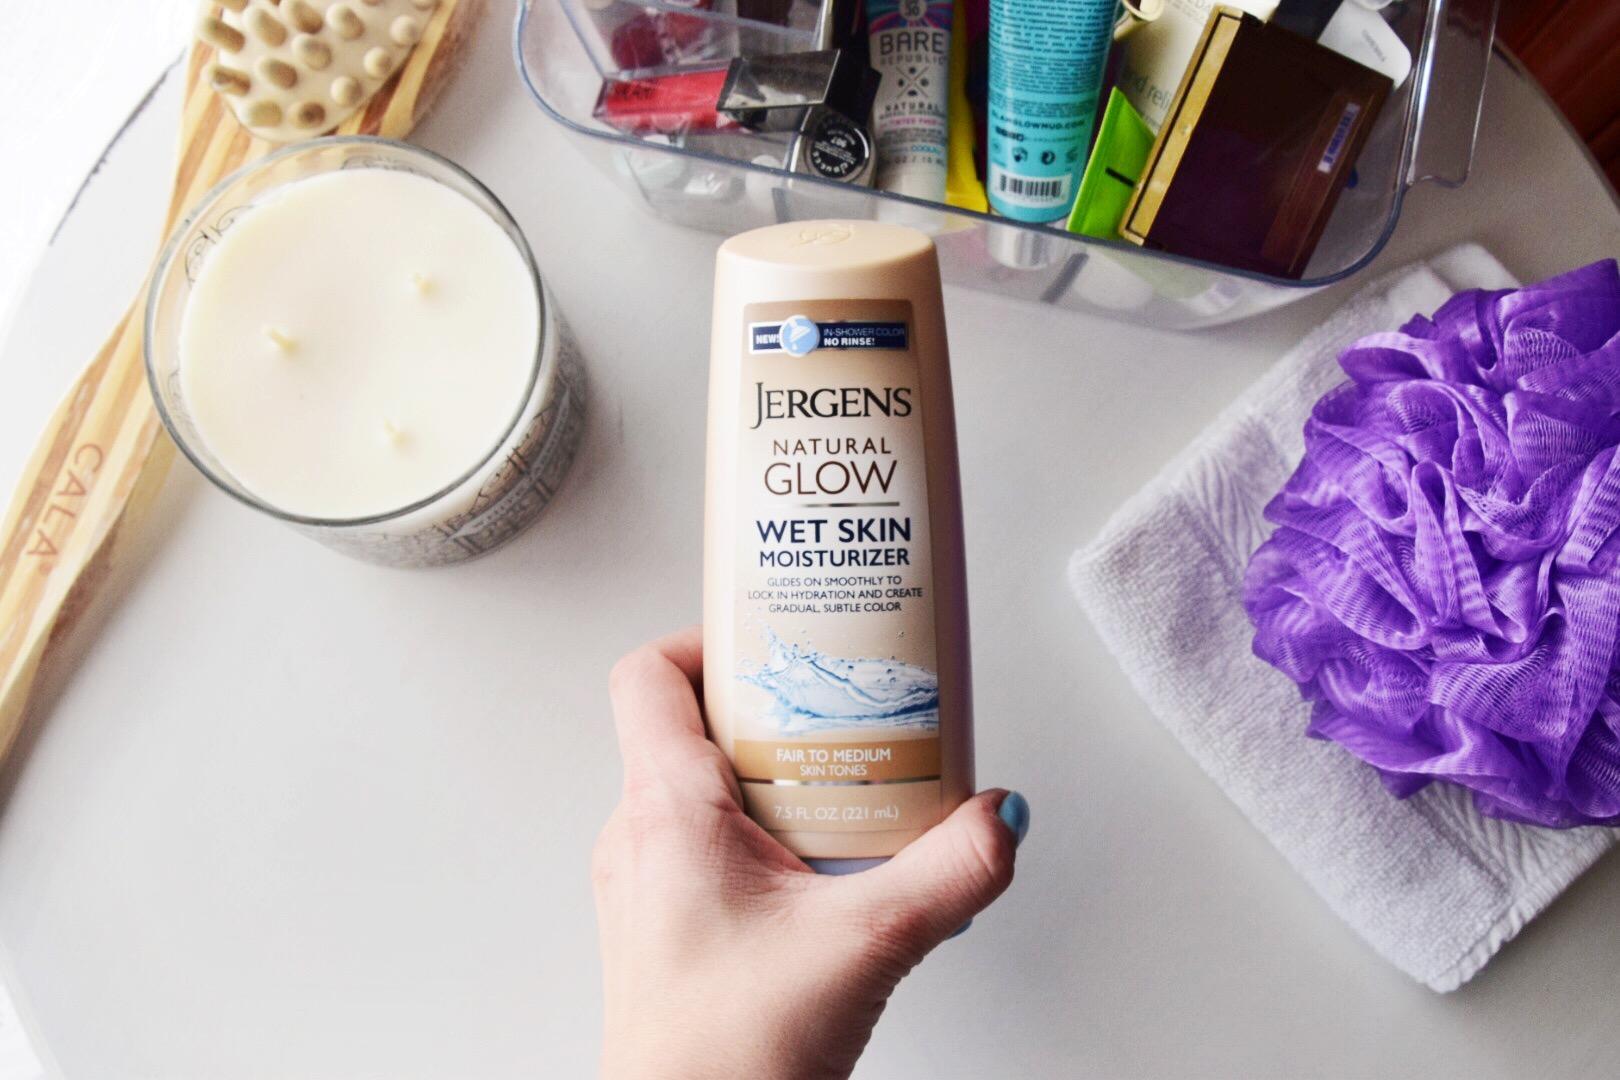 Jergens Natural Glow Wet Skin Moisturizer at Walmart 3.JPG